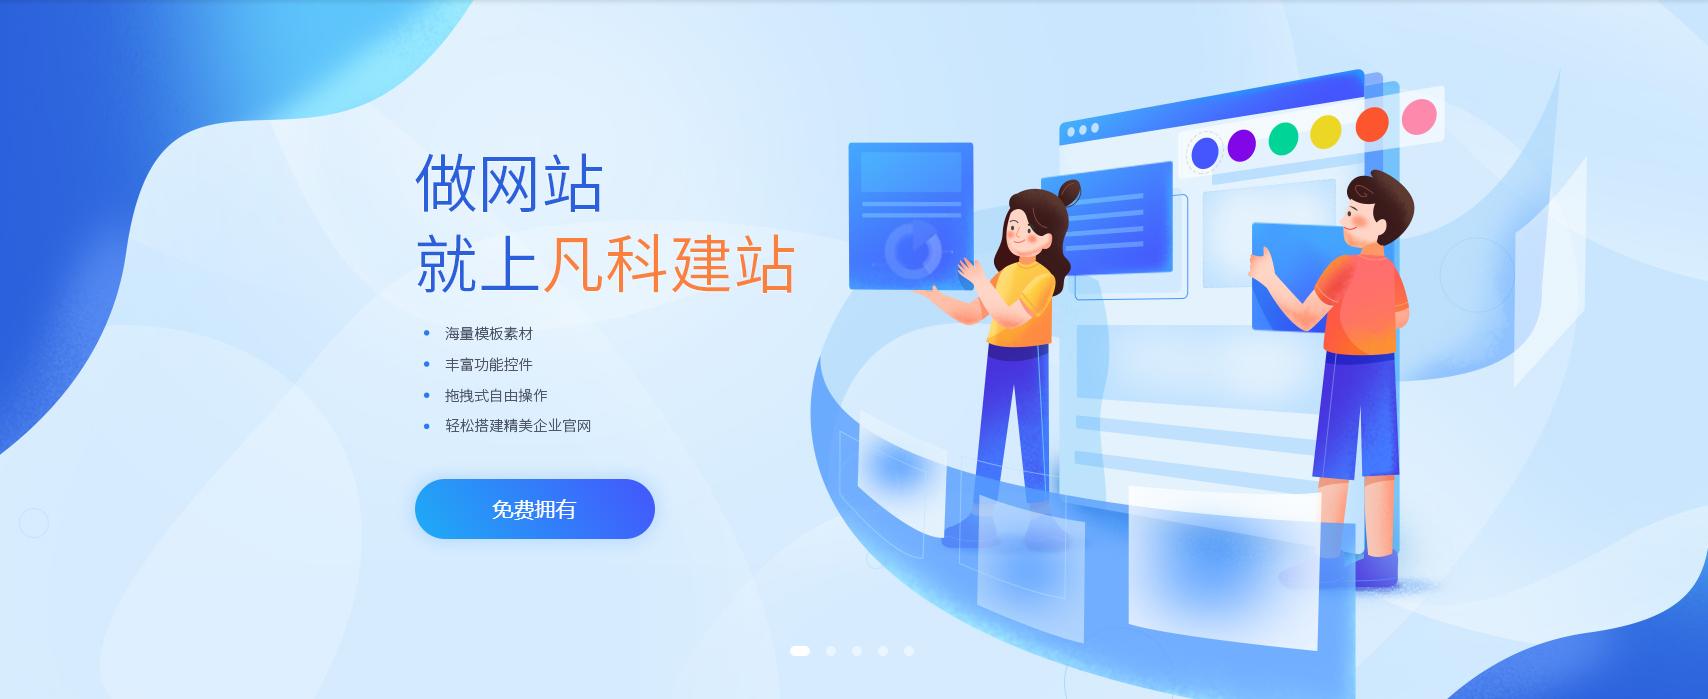 企业设计网站